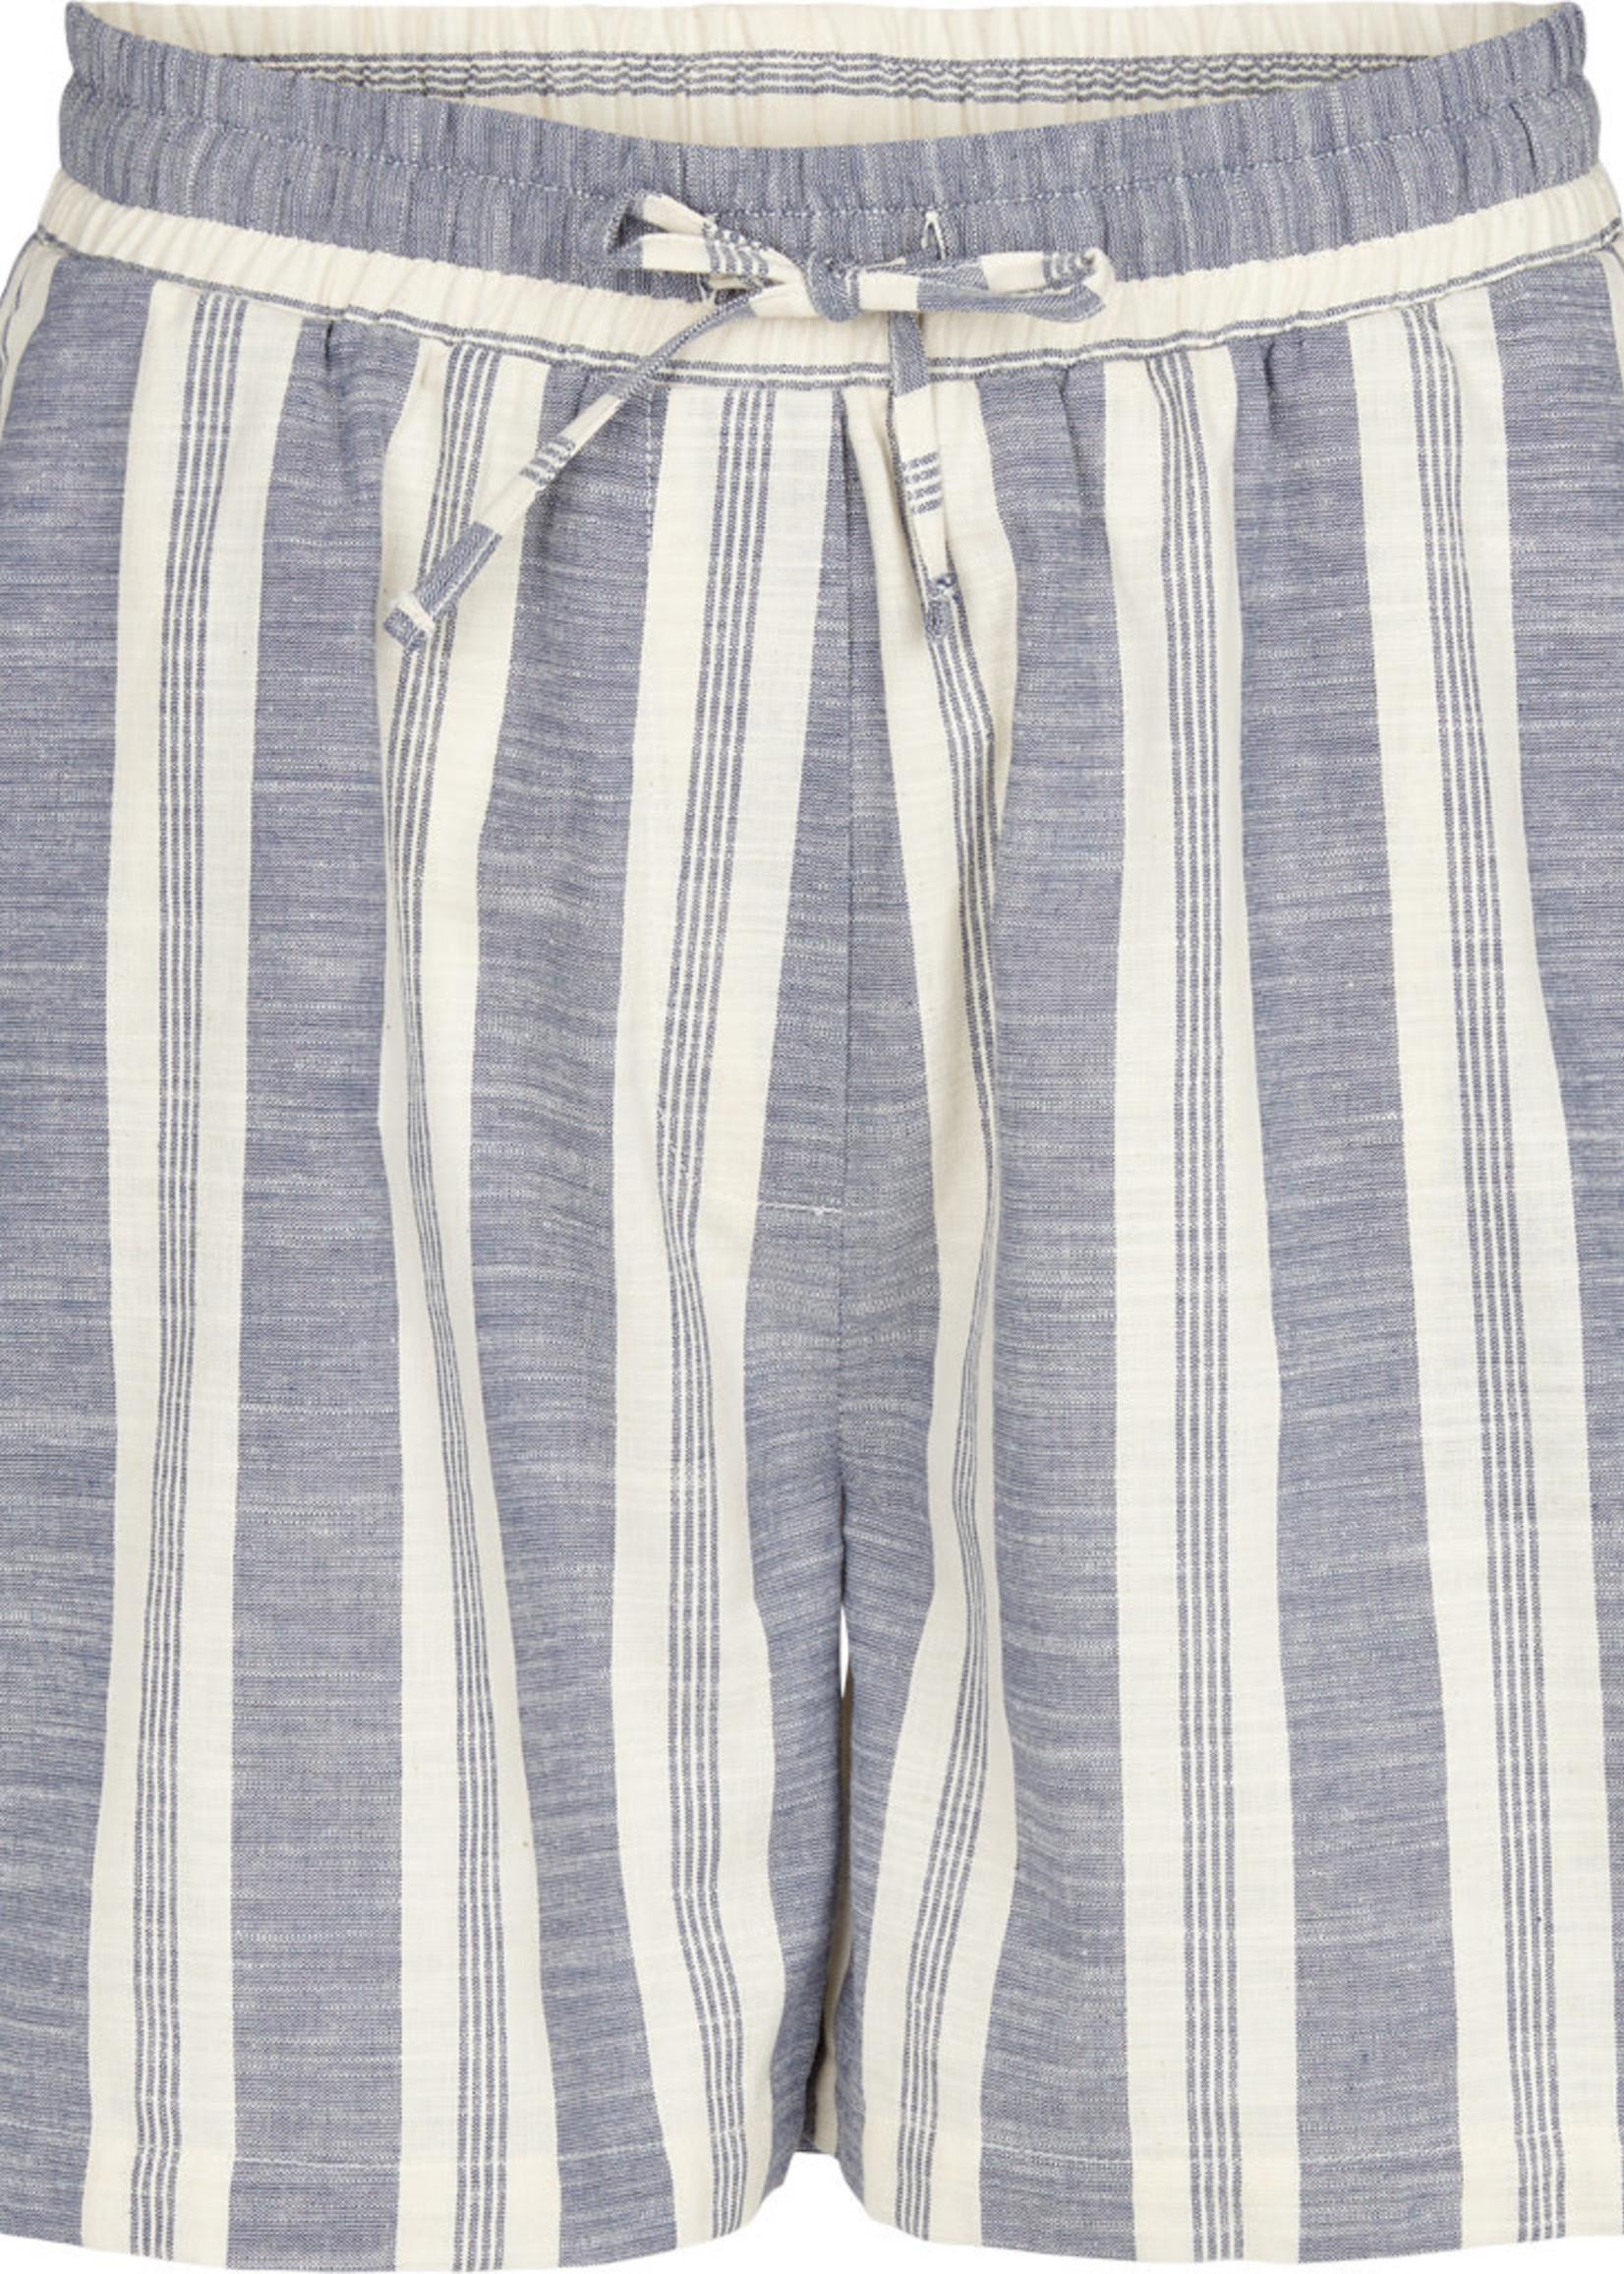 Basic Apparel Evita Shorts